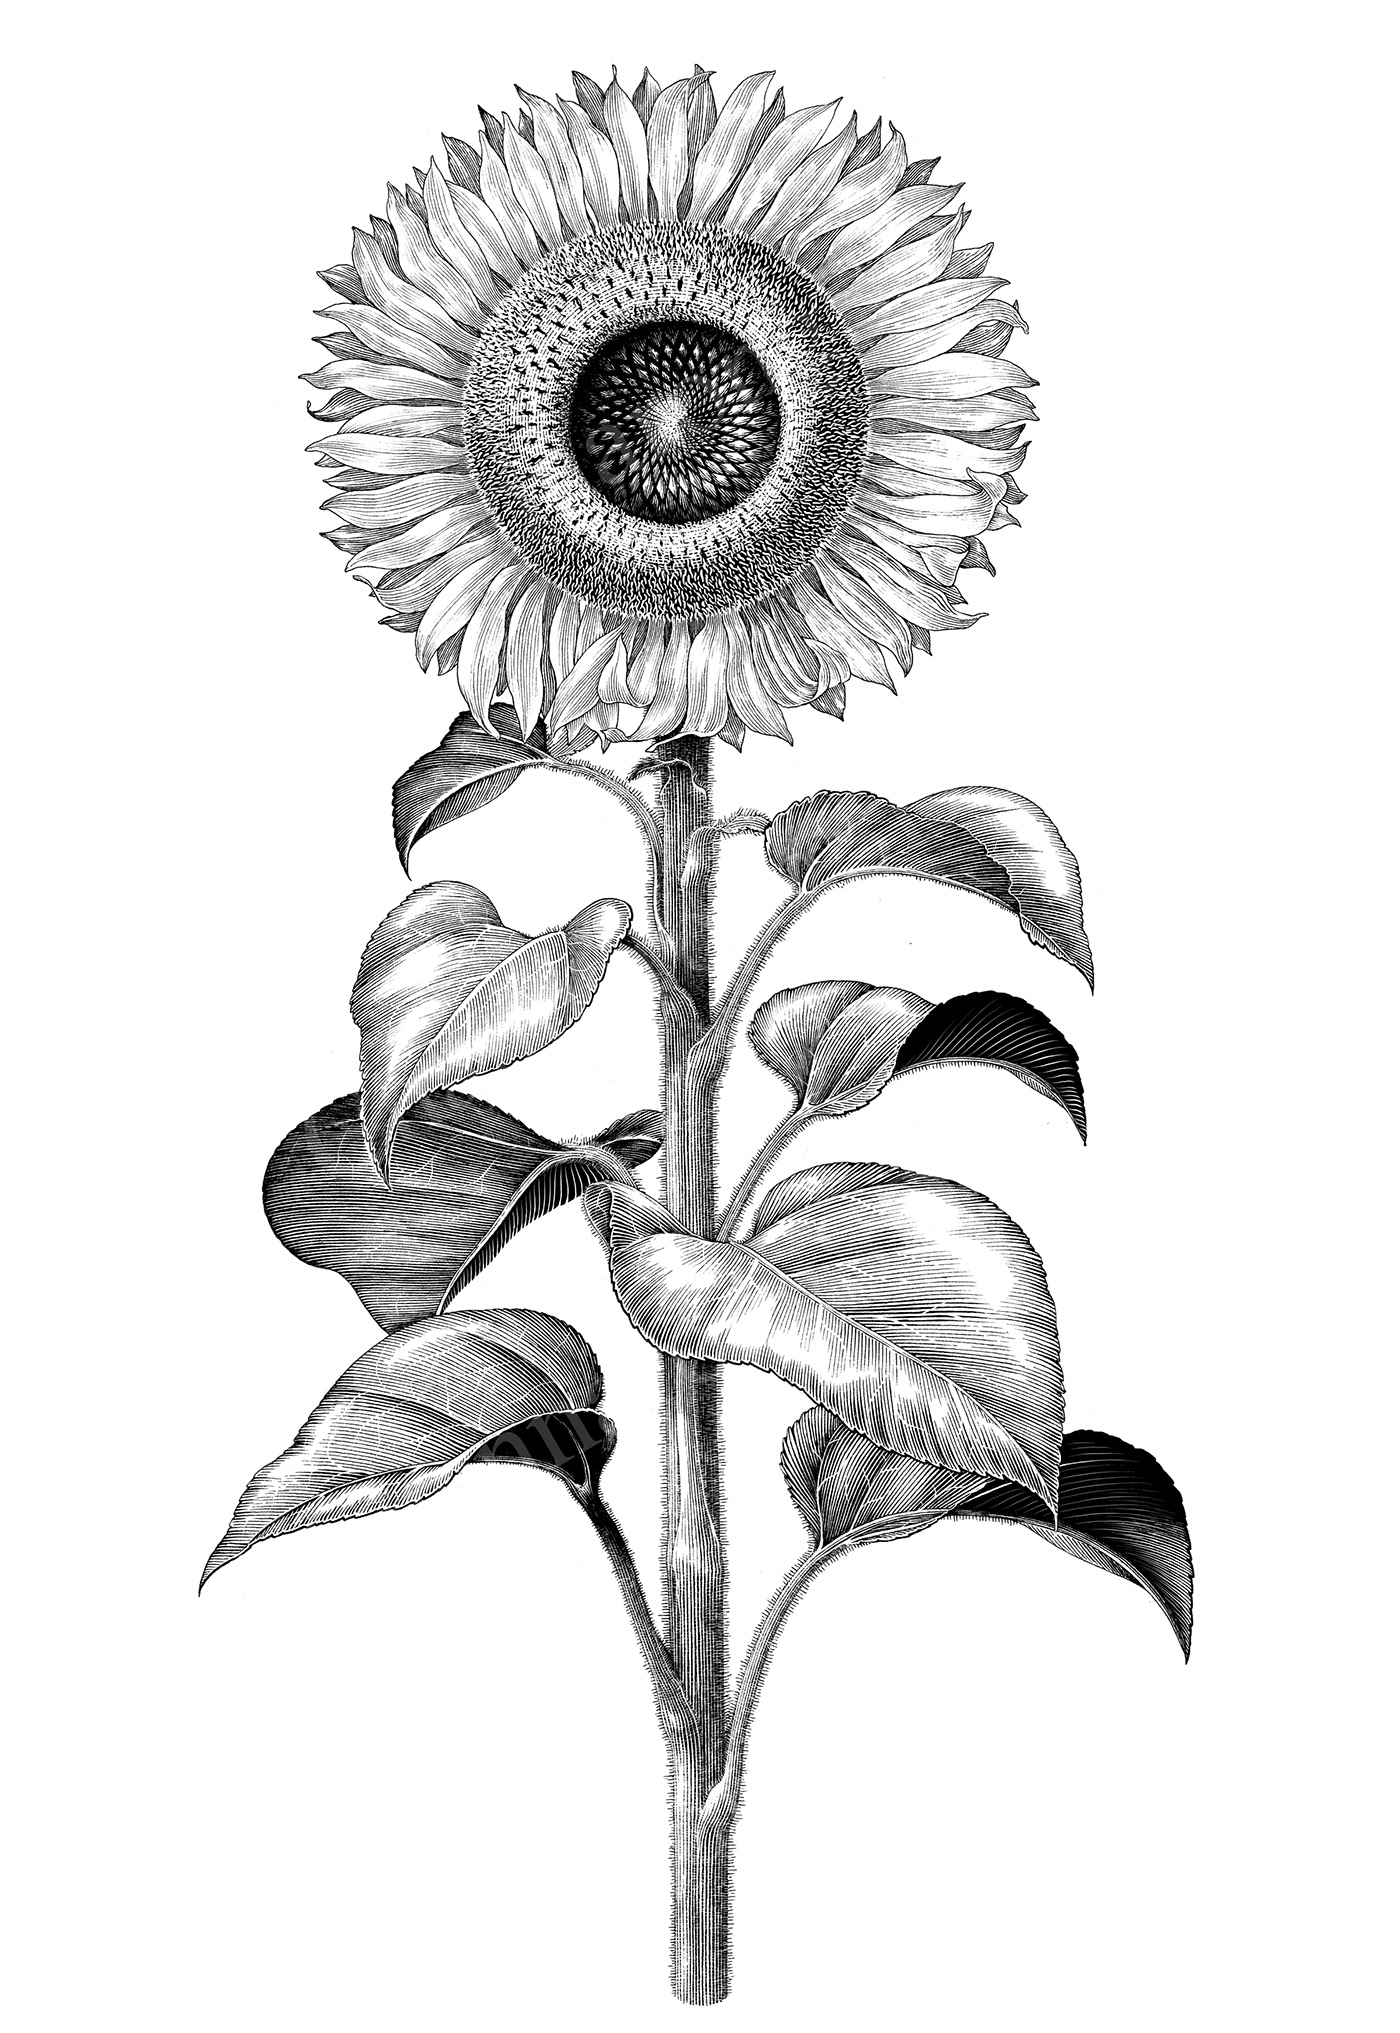 Sunflower Botanical Illustration Vintage Style On Behance